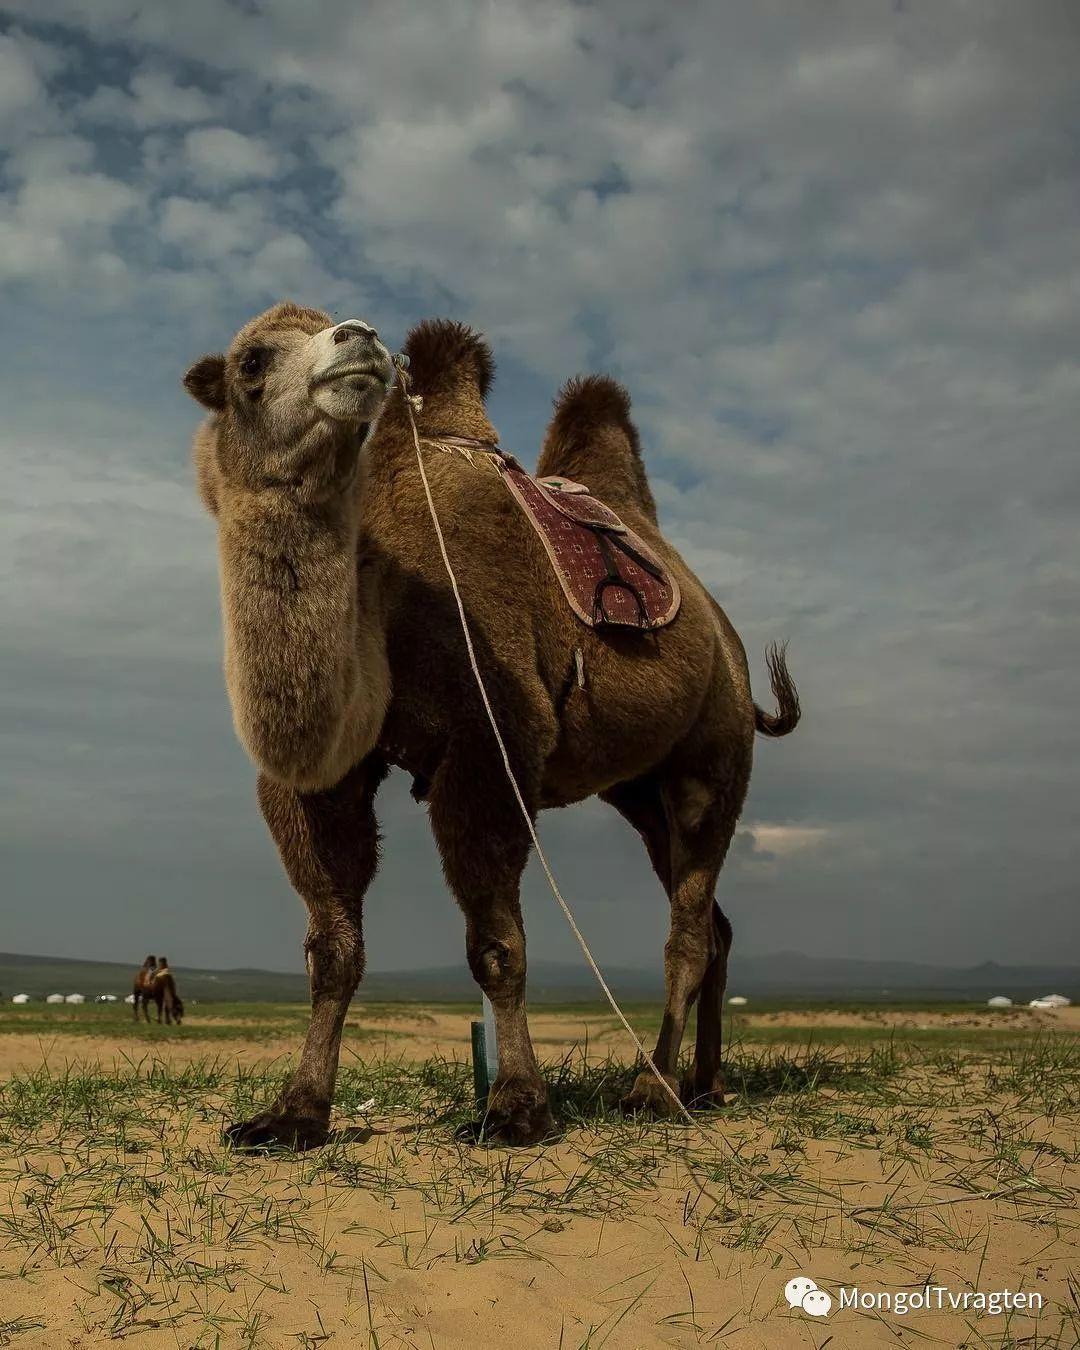 蒙古影像-- Henne Metz 第6张 蒙古影像-- Henne Metz 蒙古文化